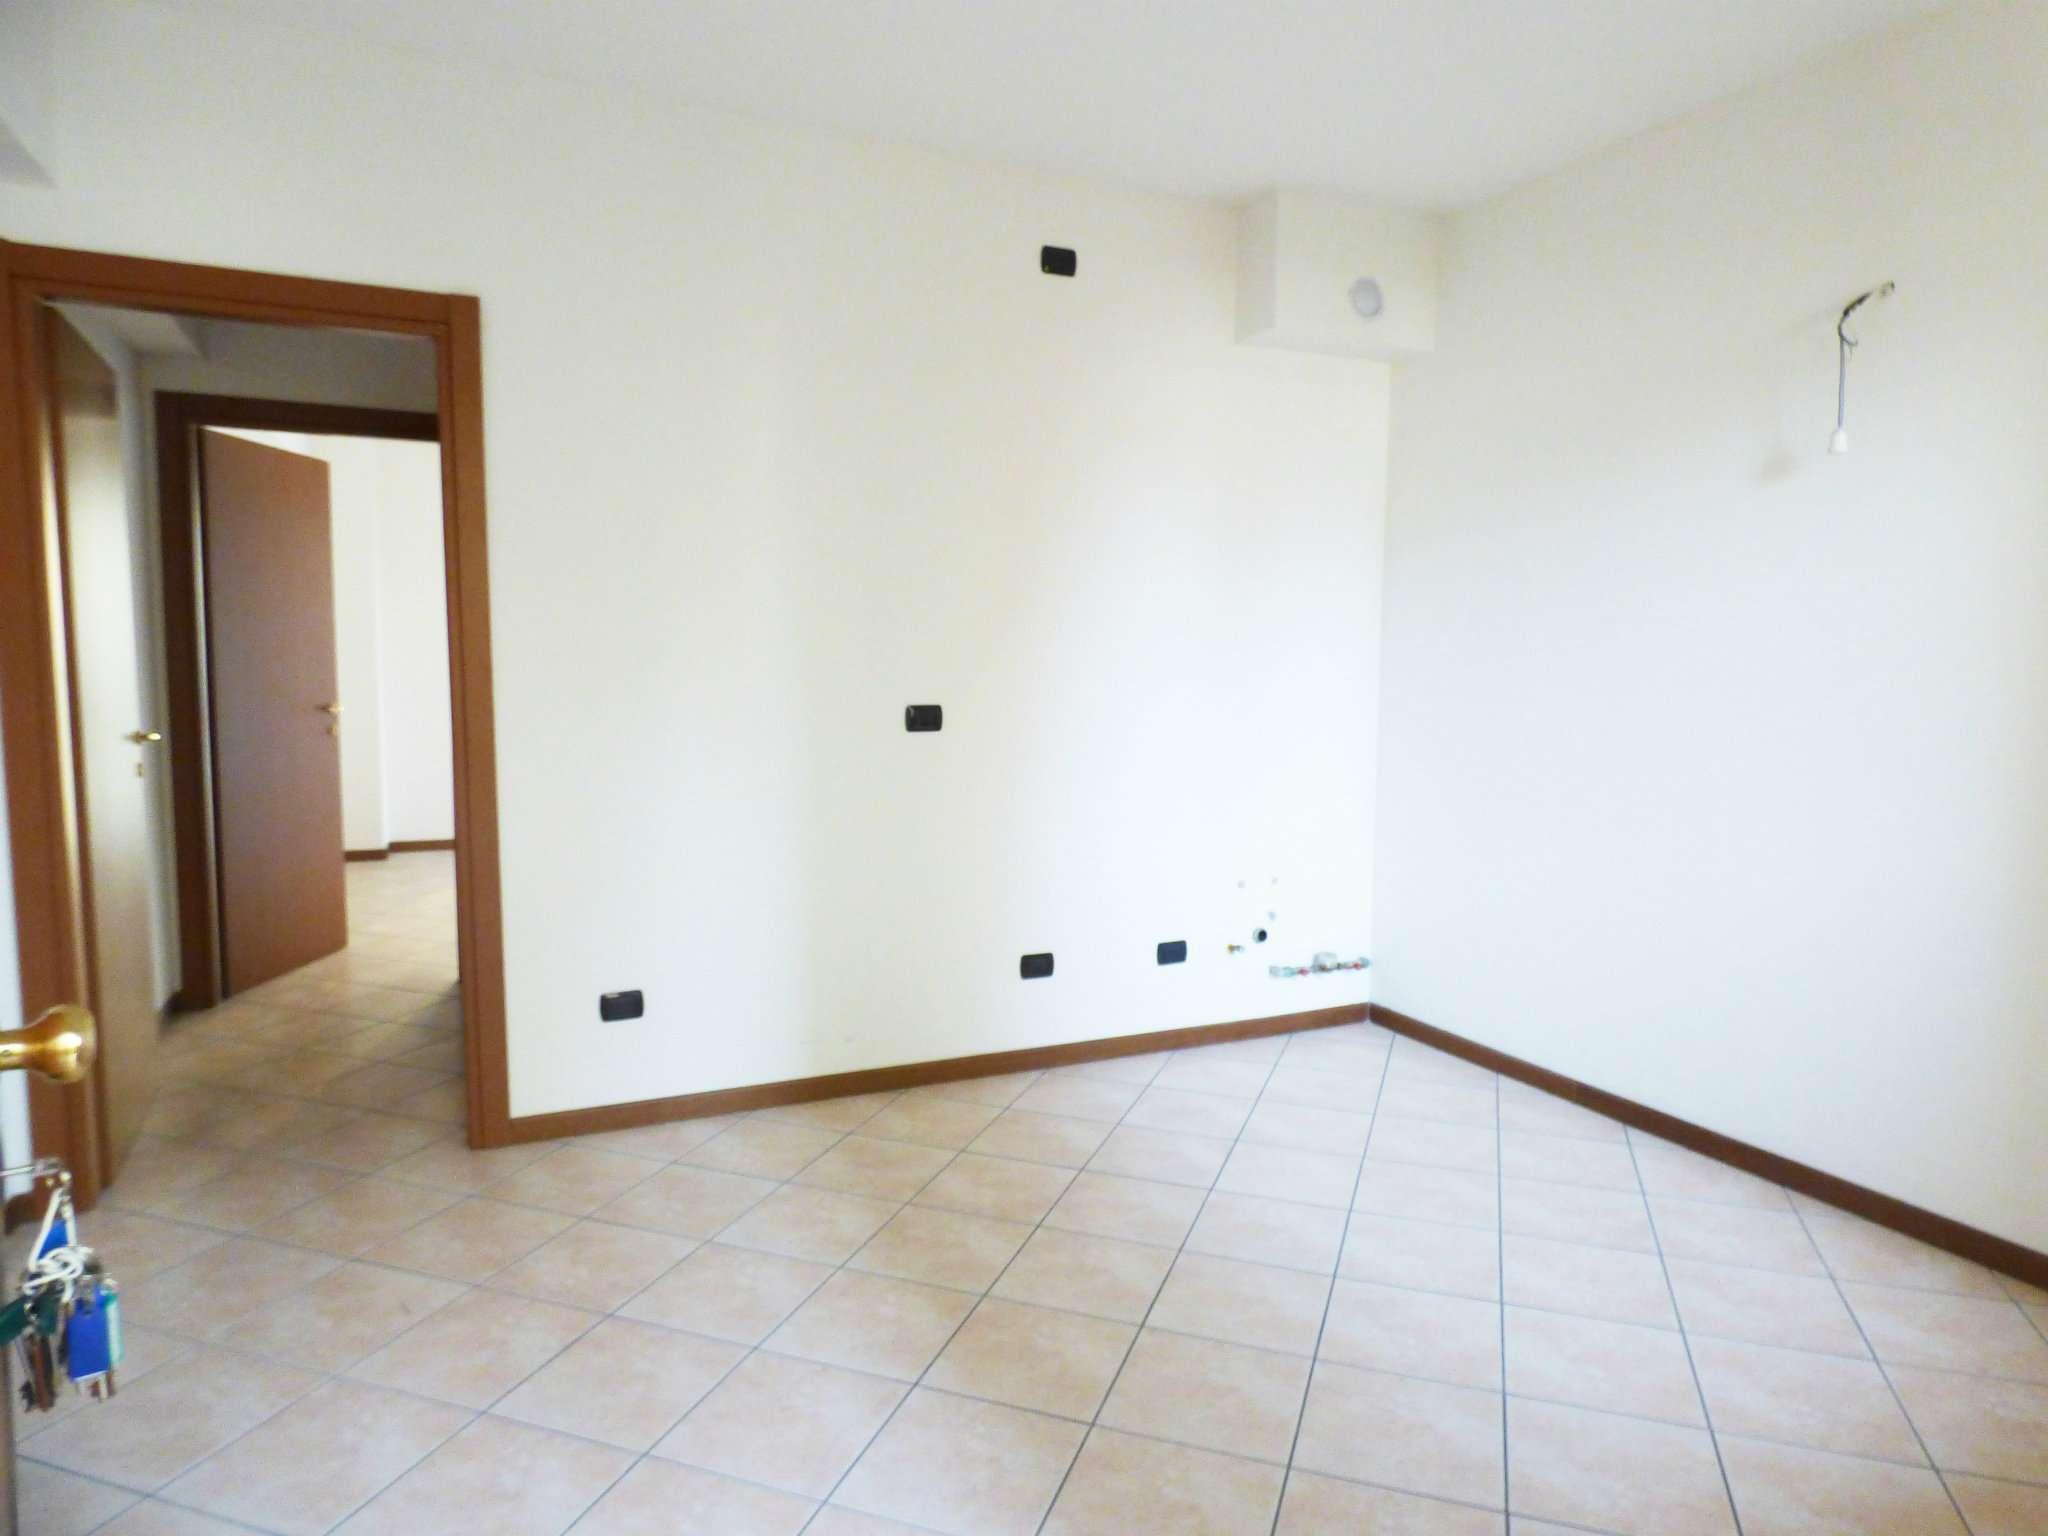 Appartamento in Vendita a Milano 29 Certosa / Bovisa / Dergano / Maciachini / Istria / Testi: 5 locali, 50 mq